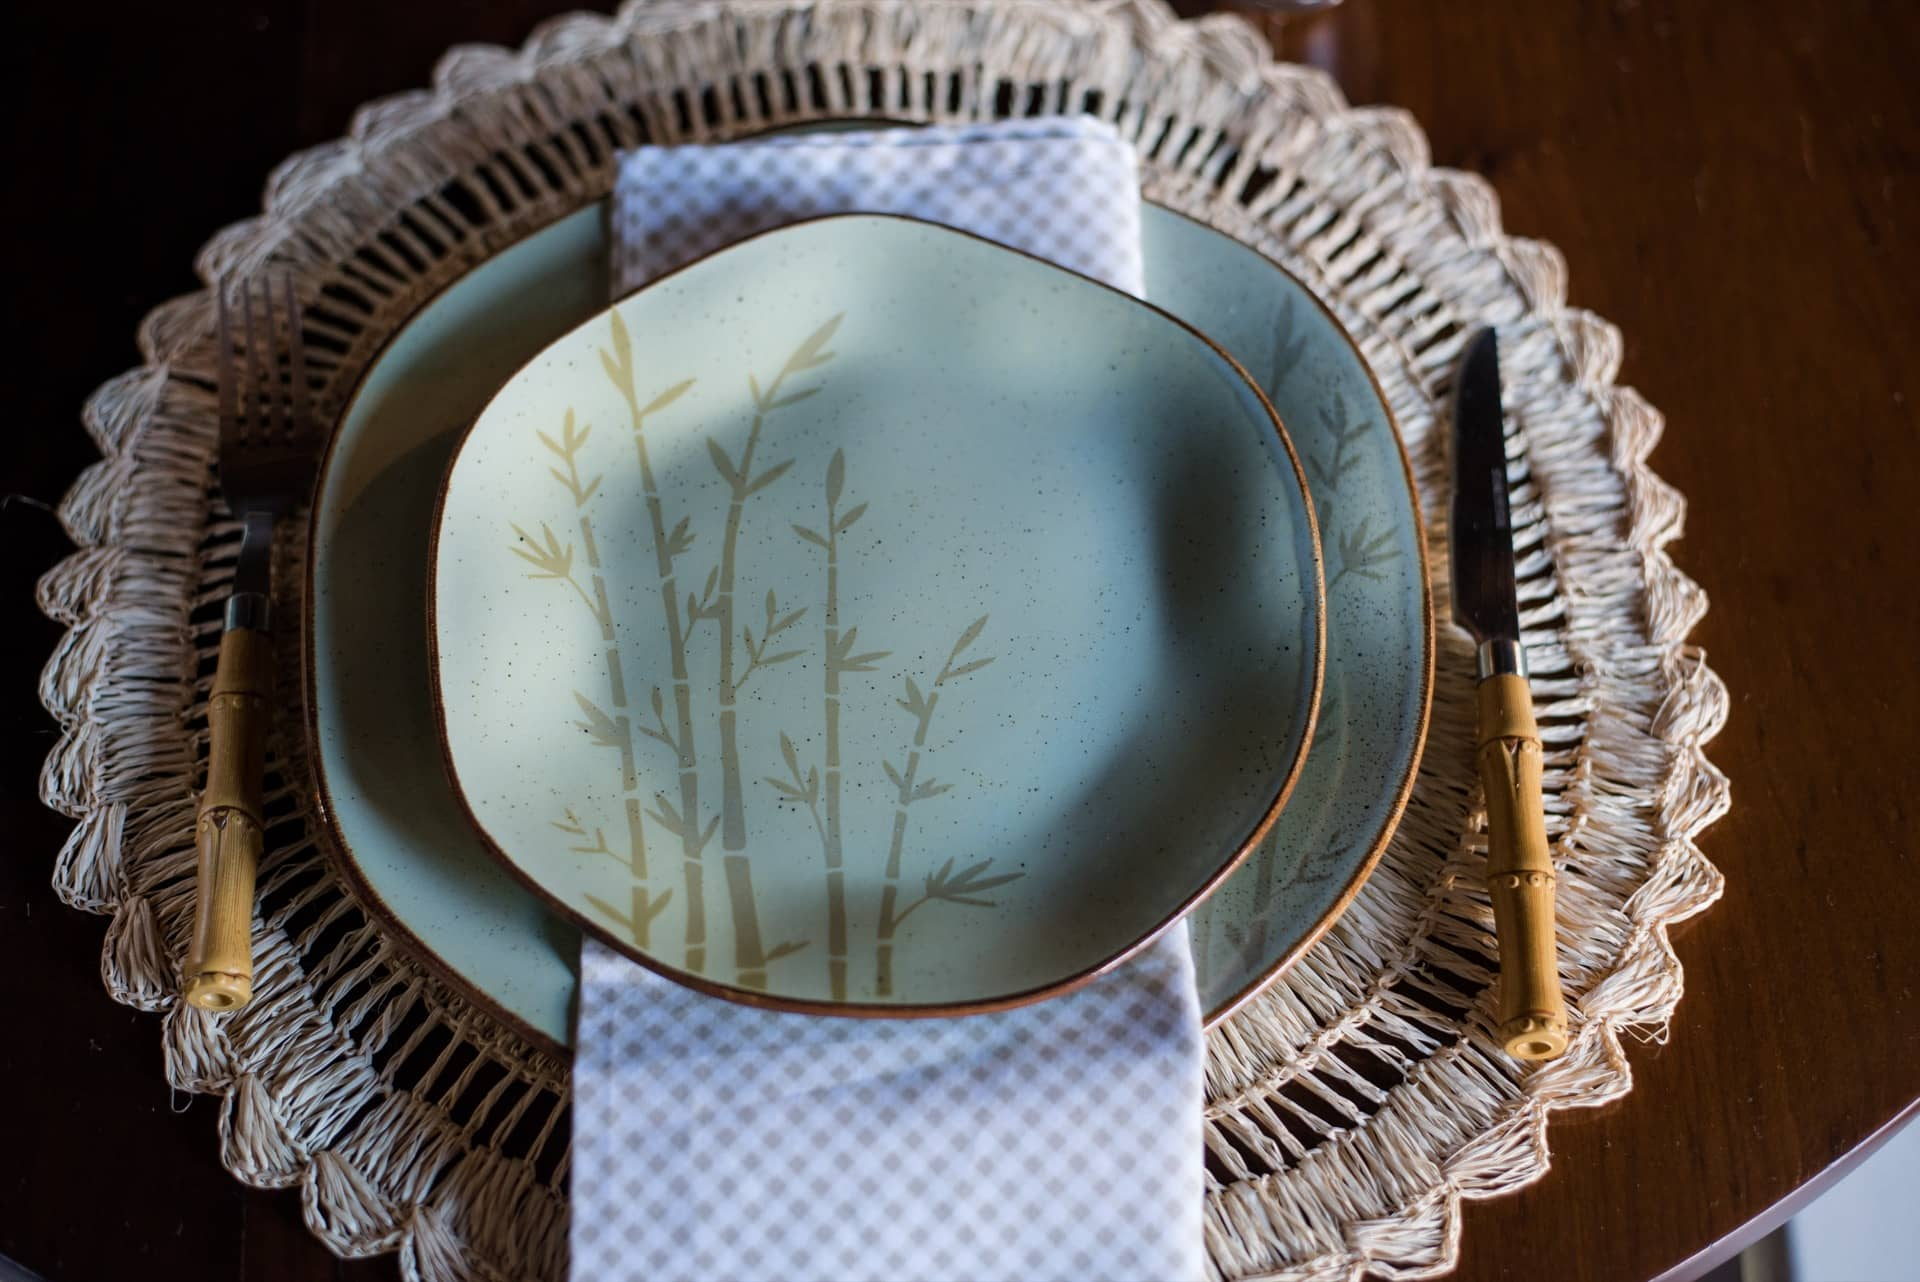 Imagem: As porcelanas Ryo Bambu, da Oxford Porcelanas, têm um delicado desenho de bambu e bordas contrastantes. O efeito vintage é conseguido através de uma técnica manual que usa pigmentos de tinta e esmalte reagente. Cada peça é única, ligeiramente diferente da outra.Foto: Karla Rudnick